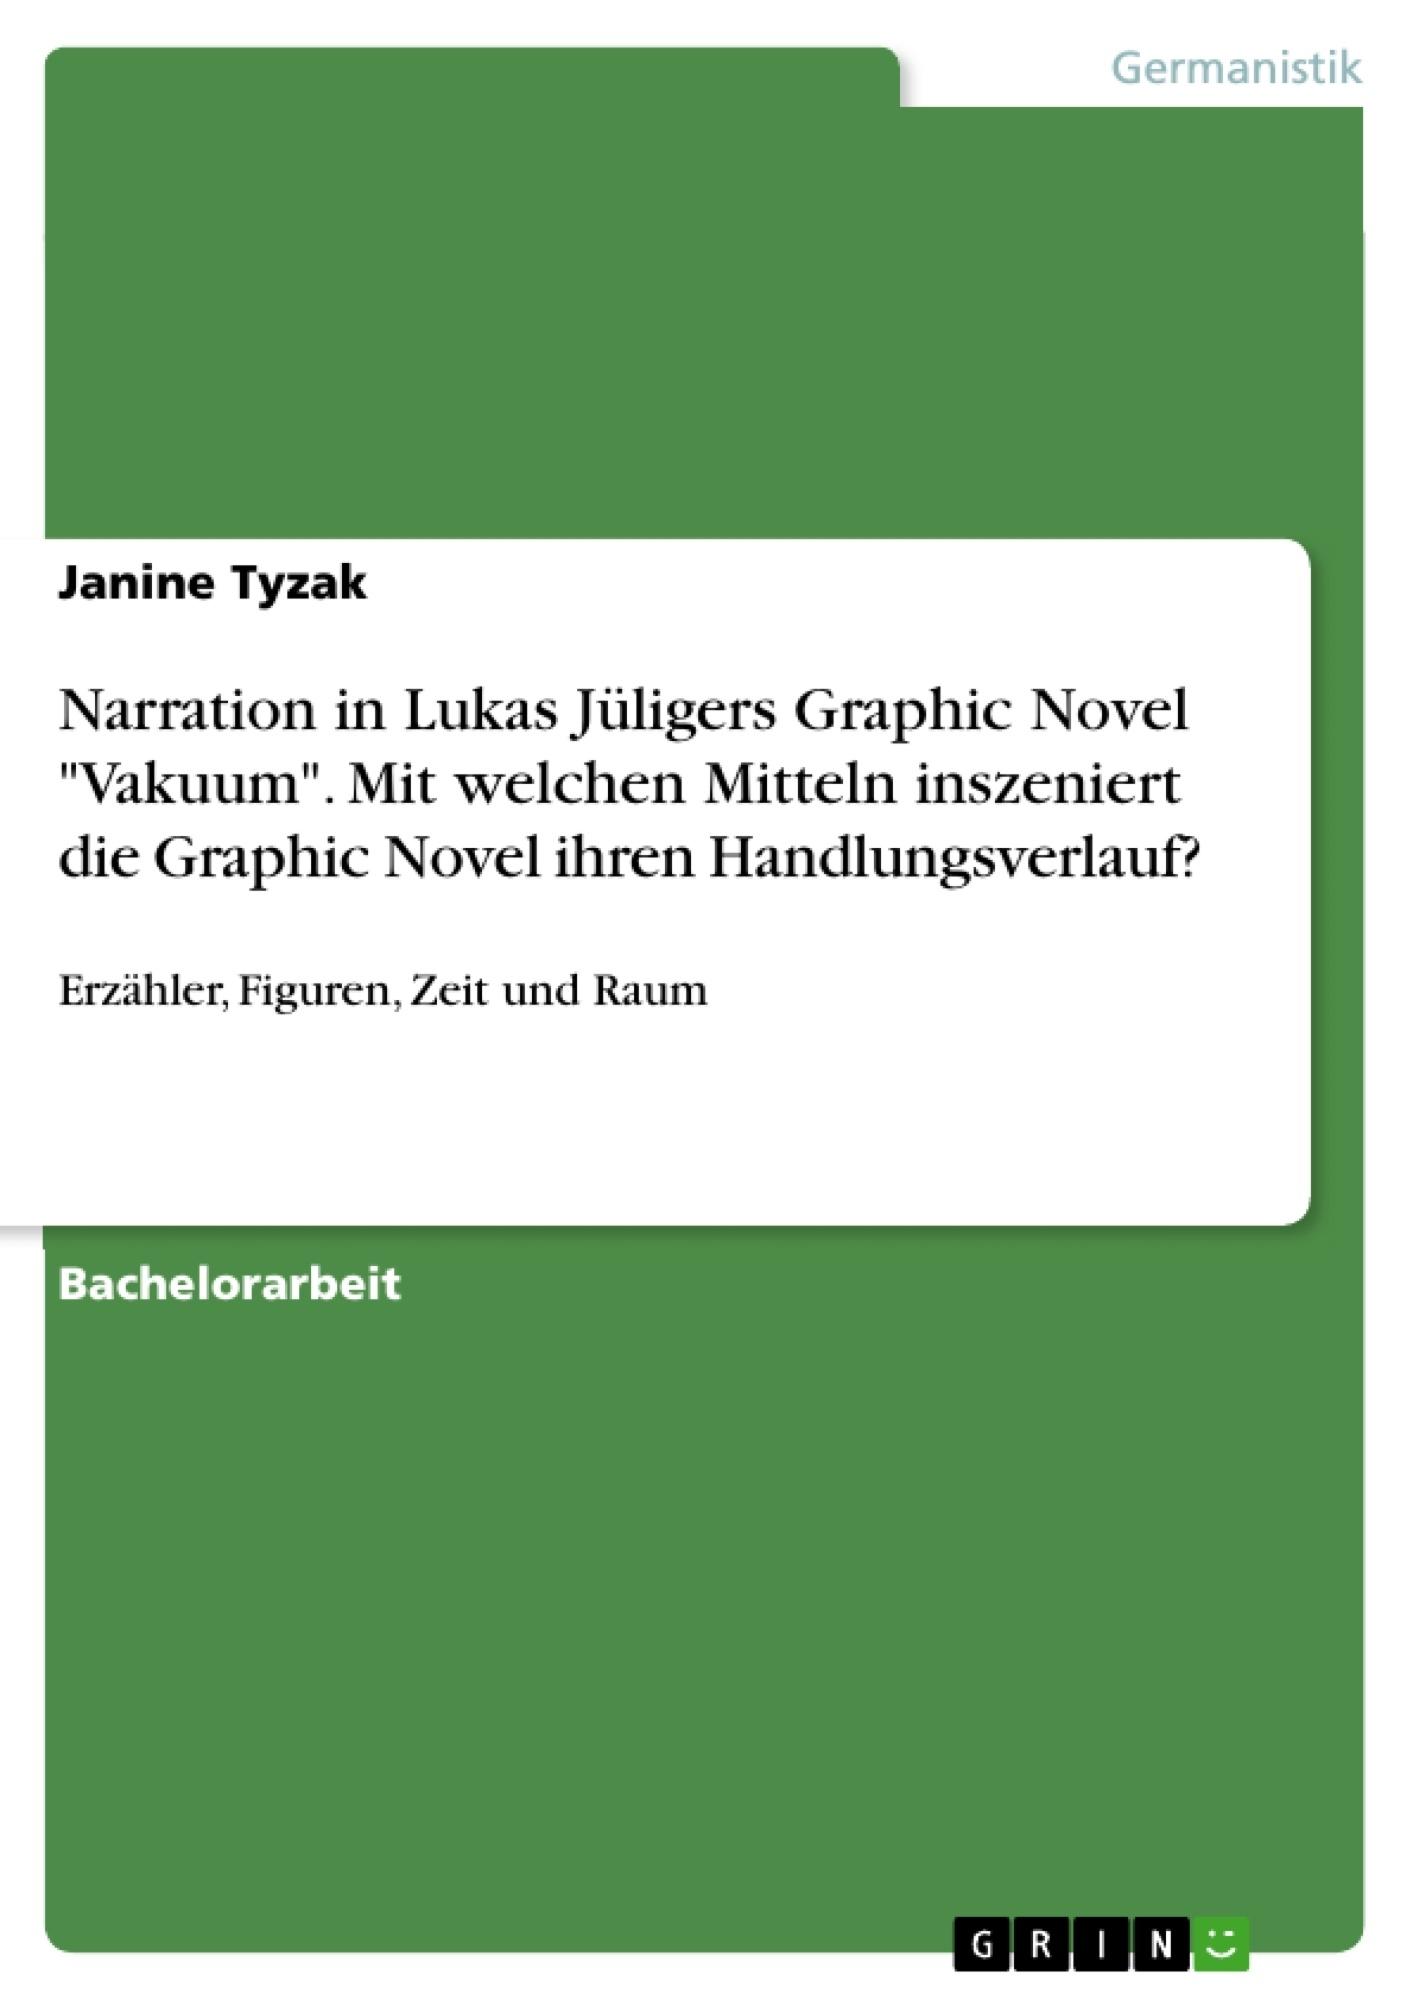 """Titel: Narration in Lukas Jüligers Graphic Novel """"Vakuum"""". Mit welchen Mitteln inszeniert die Graphic Novel ihren Handlungsverlauf?"""